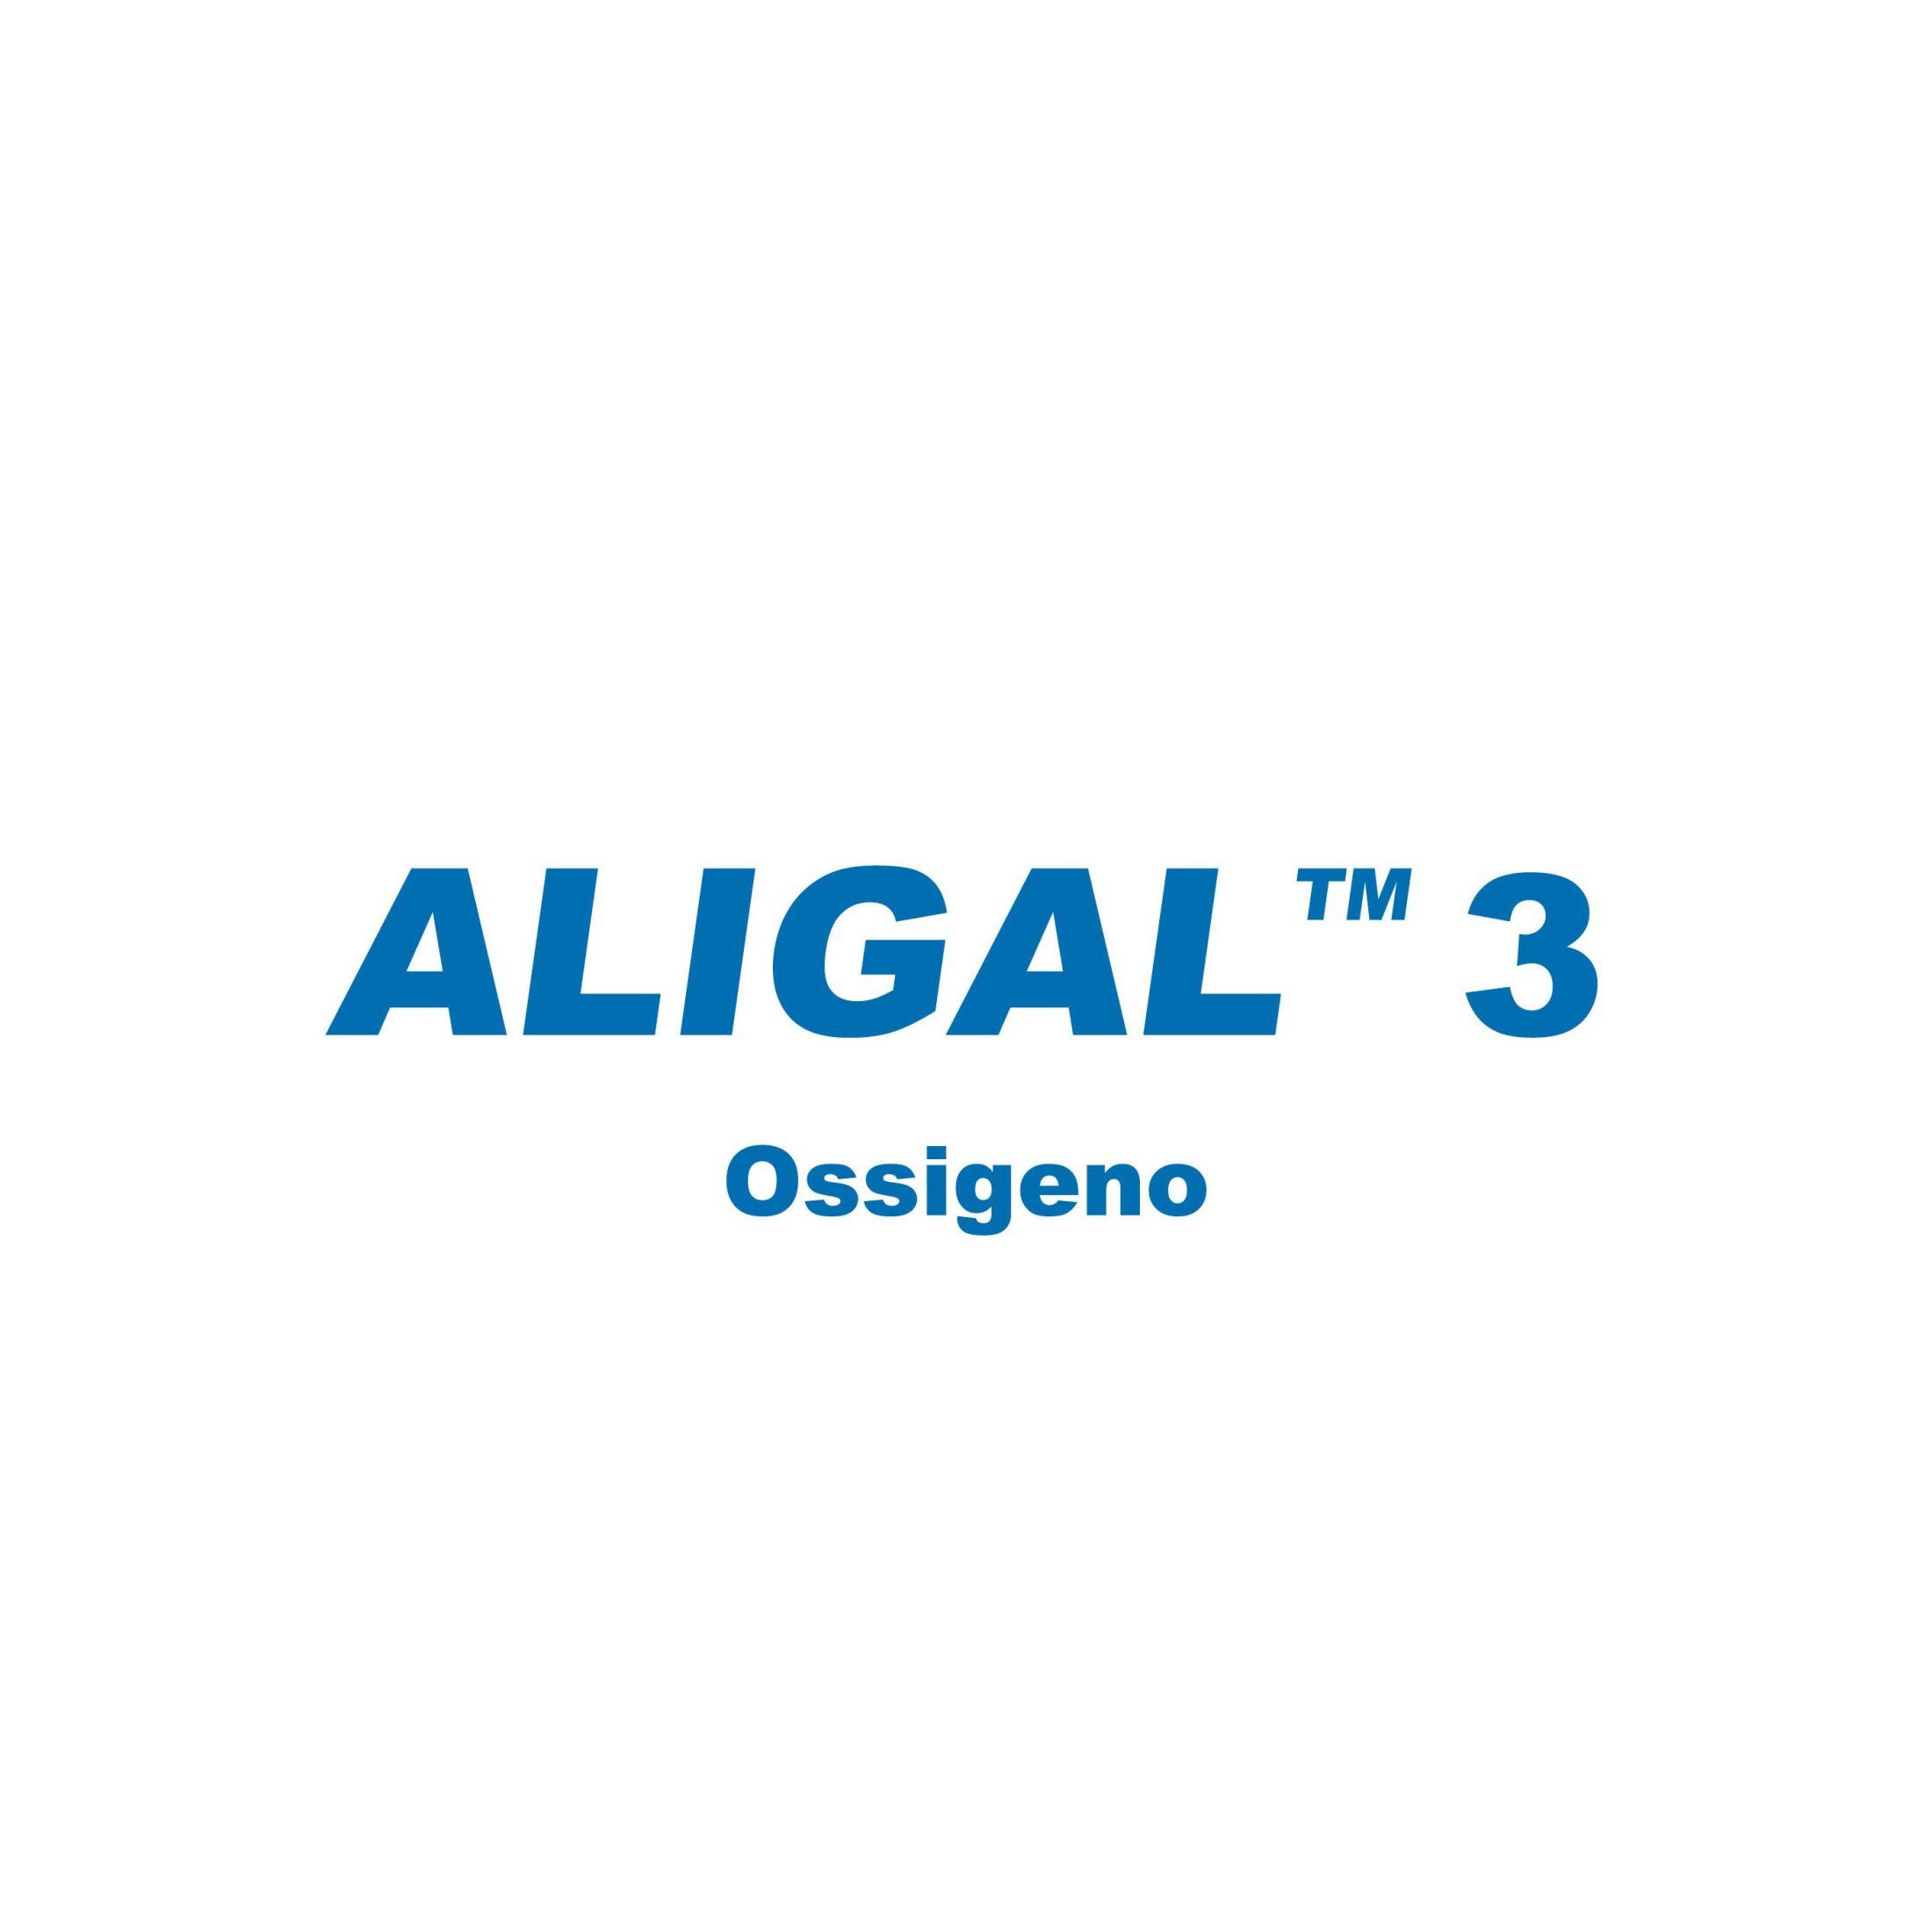 aligal-3-logo